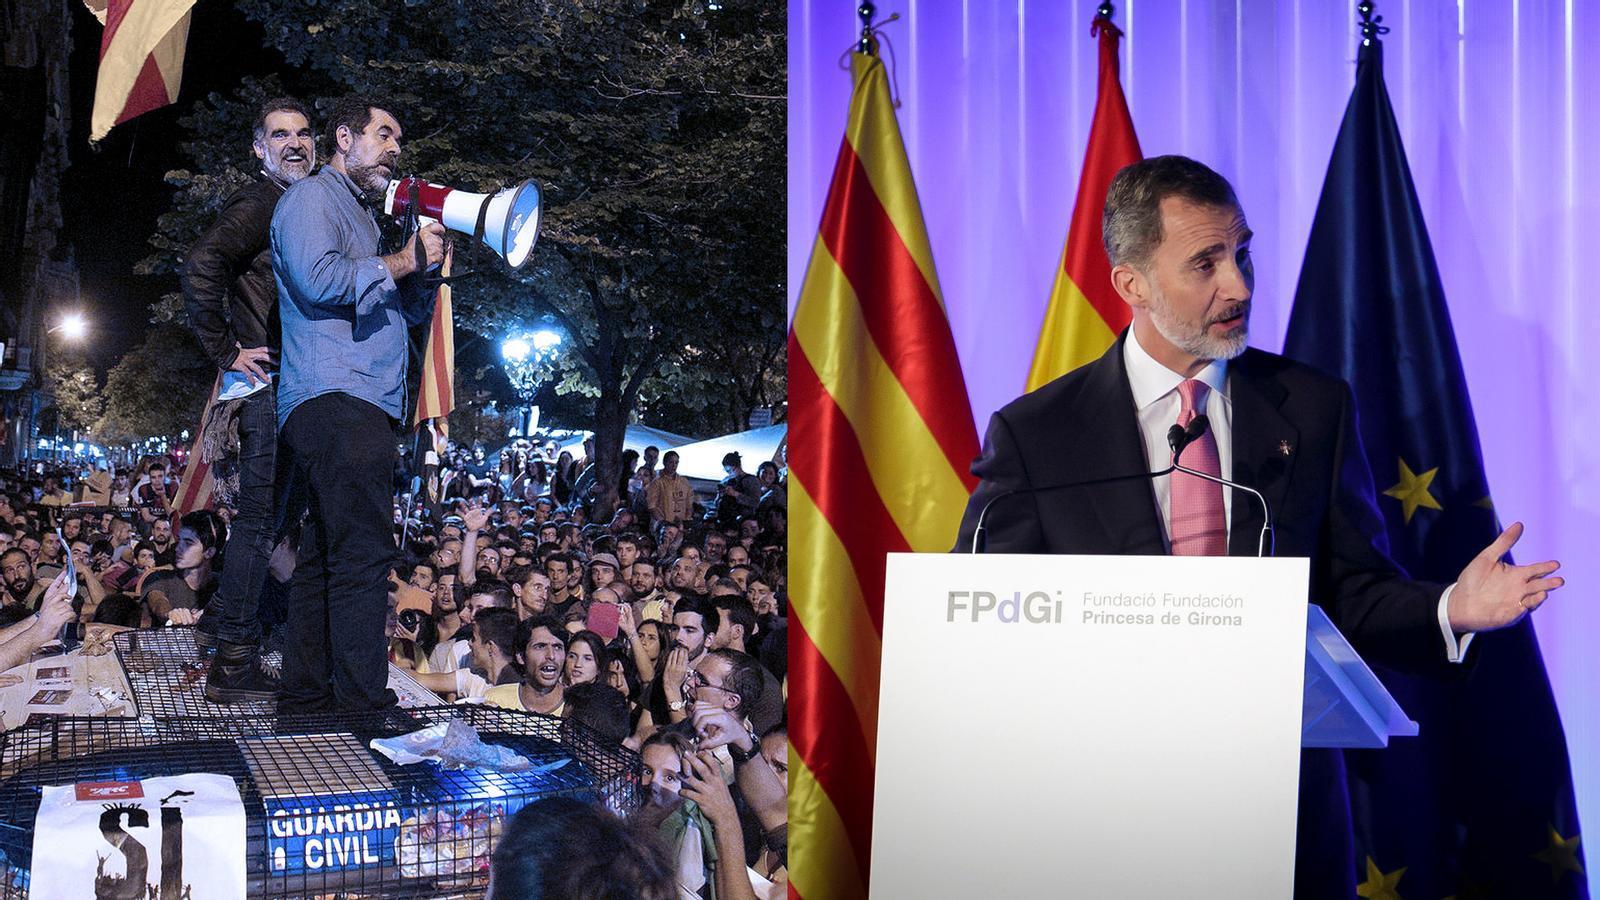 L'anàlisi d'Antoni Bassas: 'Del reportatge de Roures al discurs del rei Felip a Girona'